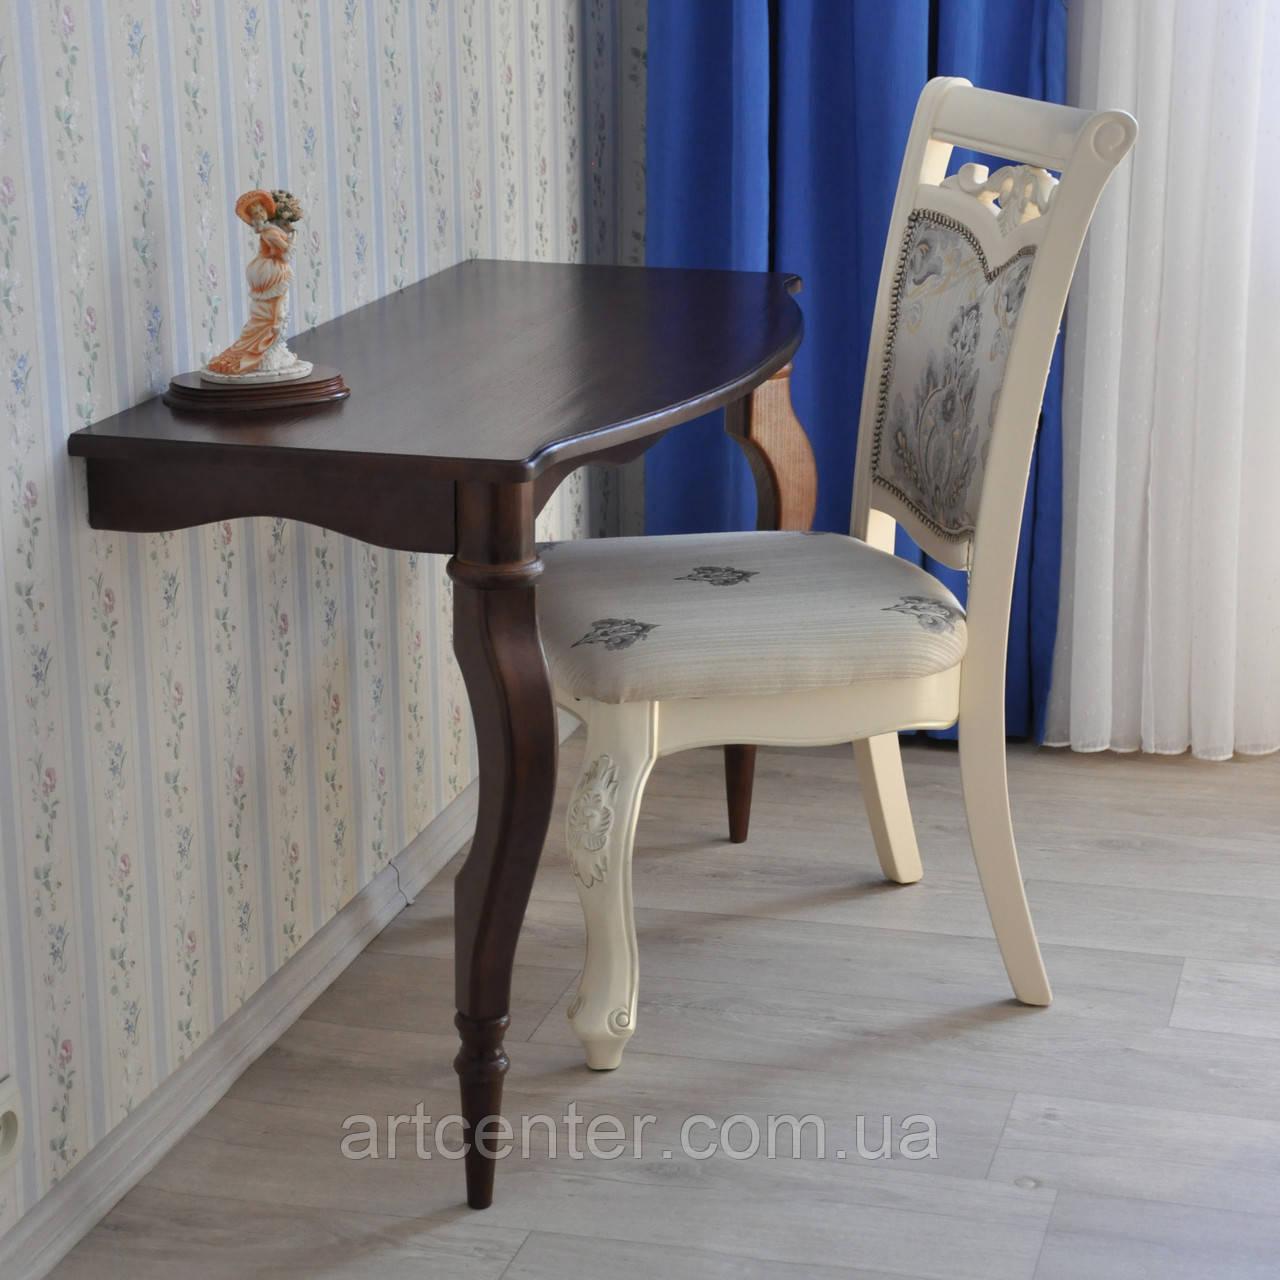 """Приставной столик на точеных ножках, консоль """"Прованс"""", коричневый, туалетный столик"""